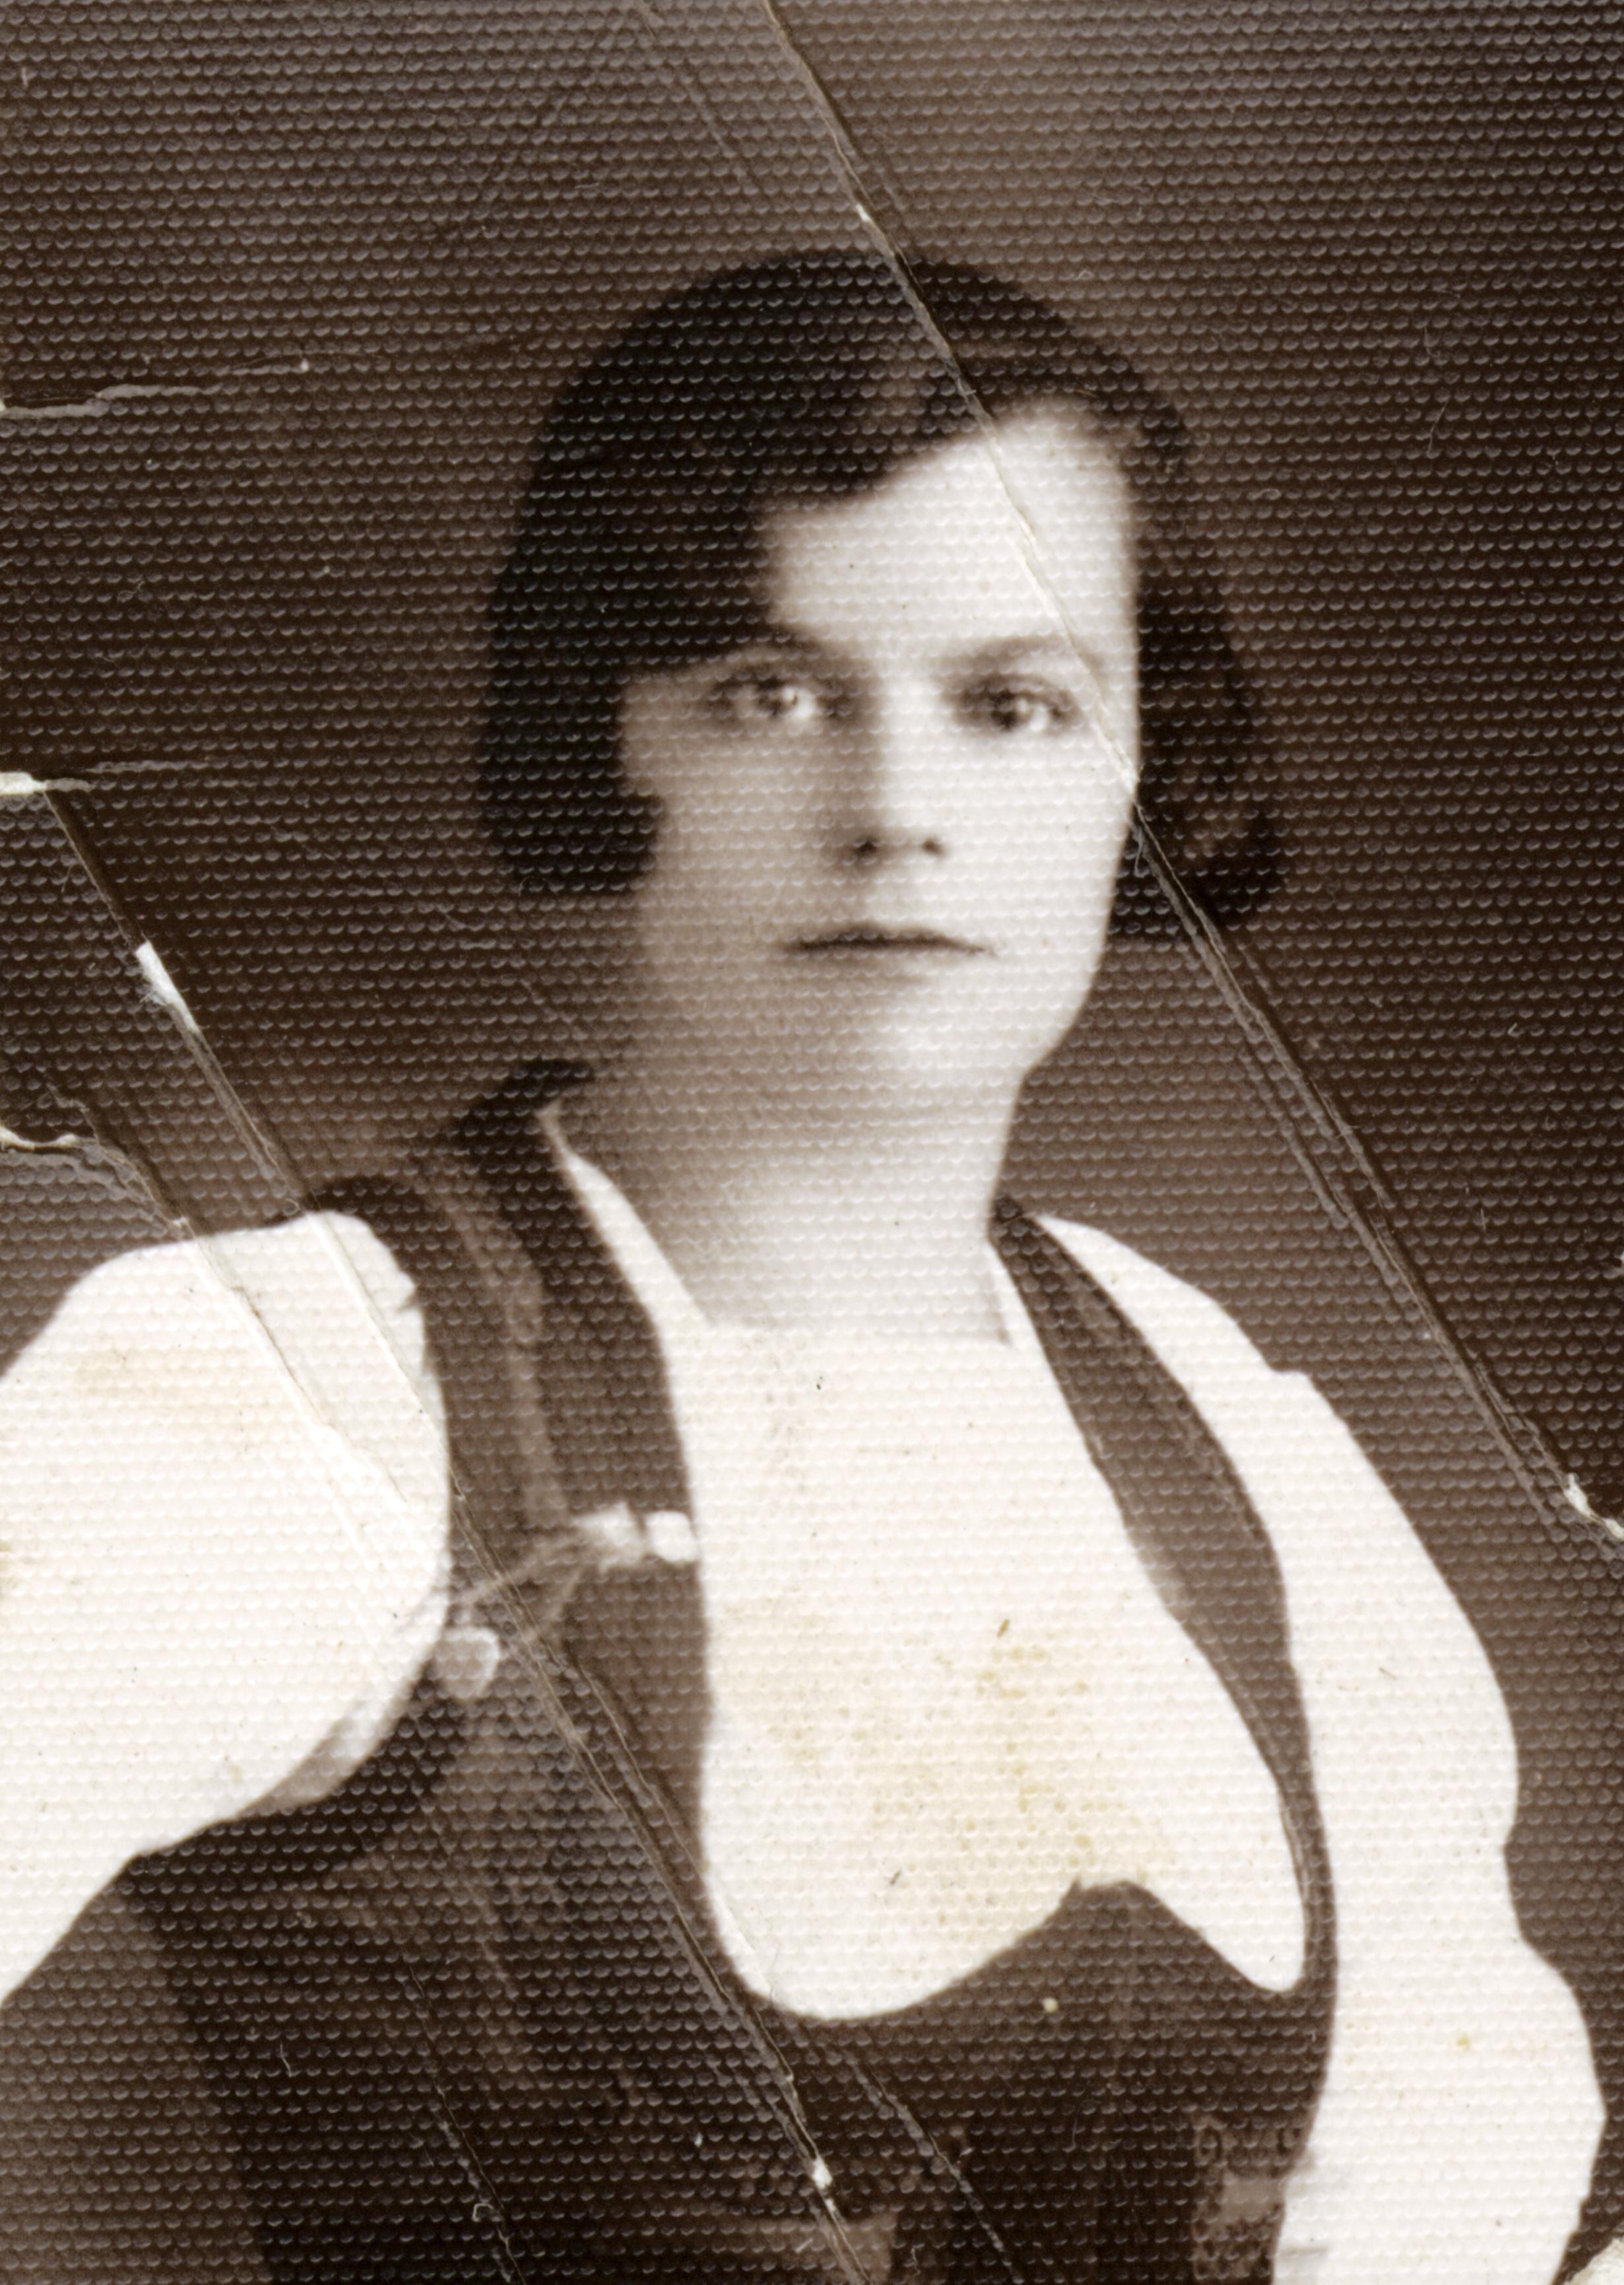 Hana Gasic's mother, Flora Kohen